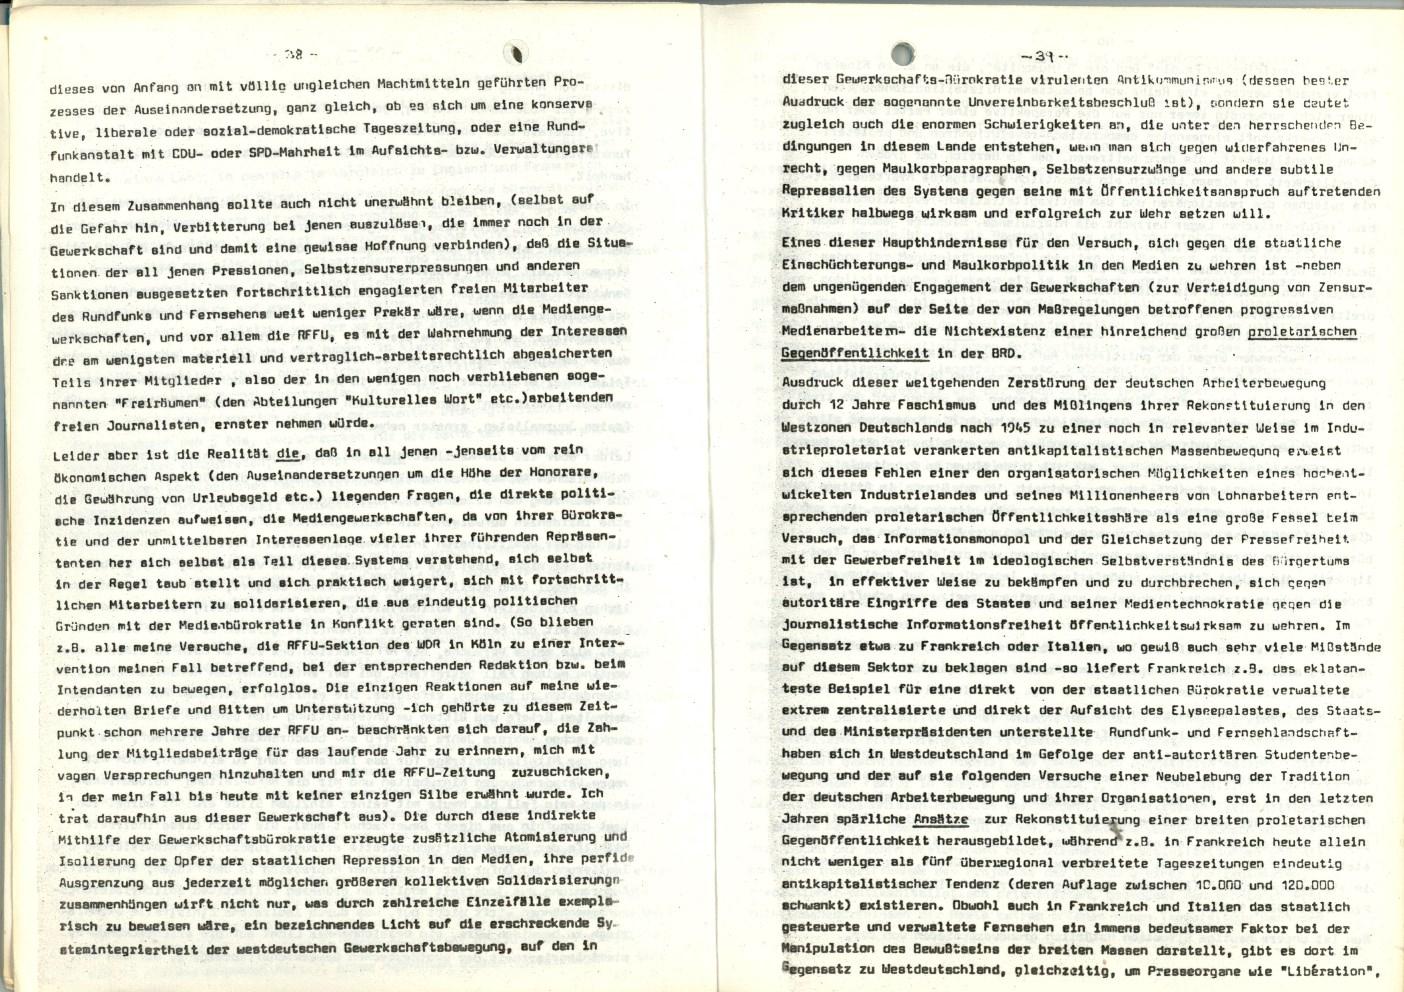 Hamburg_Vorbereitungsgruppe_Russell_Tribunal_Zensur_1978_20